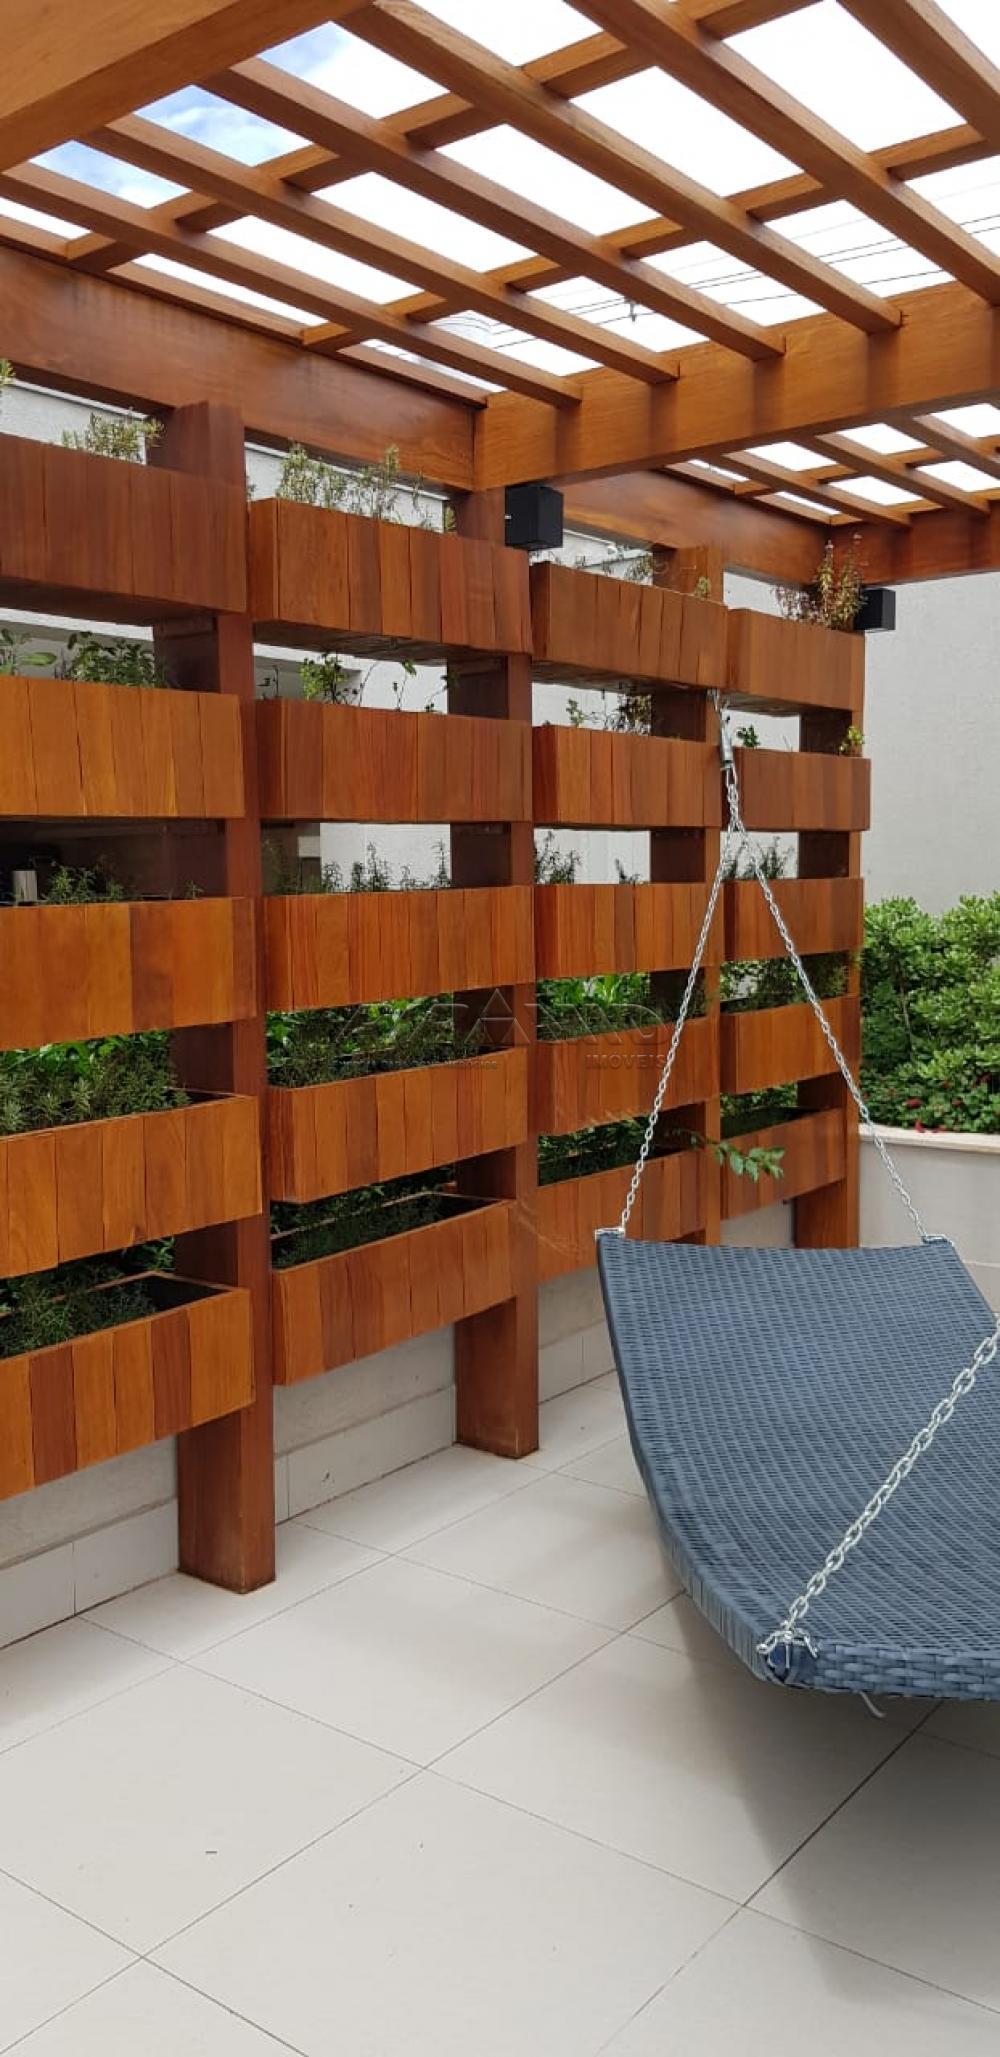 Comprar Apartamento / Lançamento em Ribeirão Preto apenas R$ 521.041,04 - Foto 14